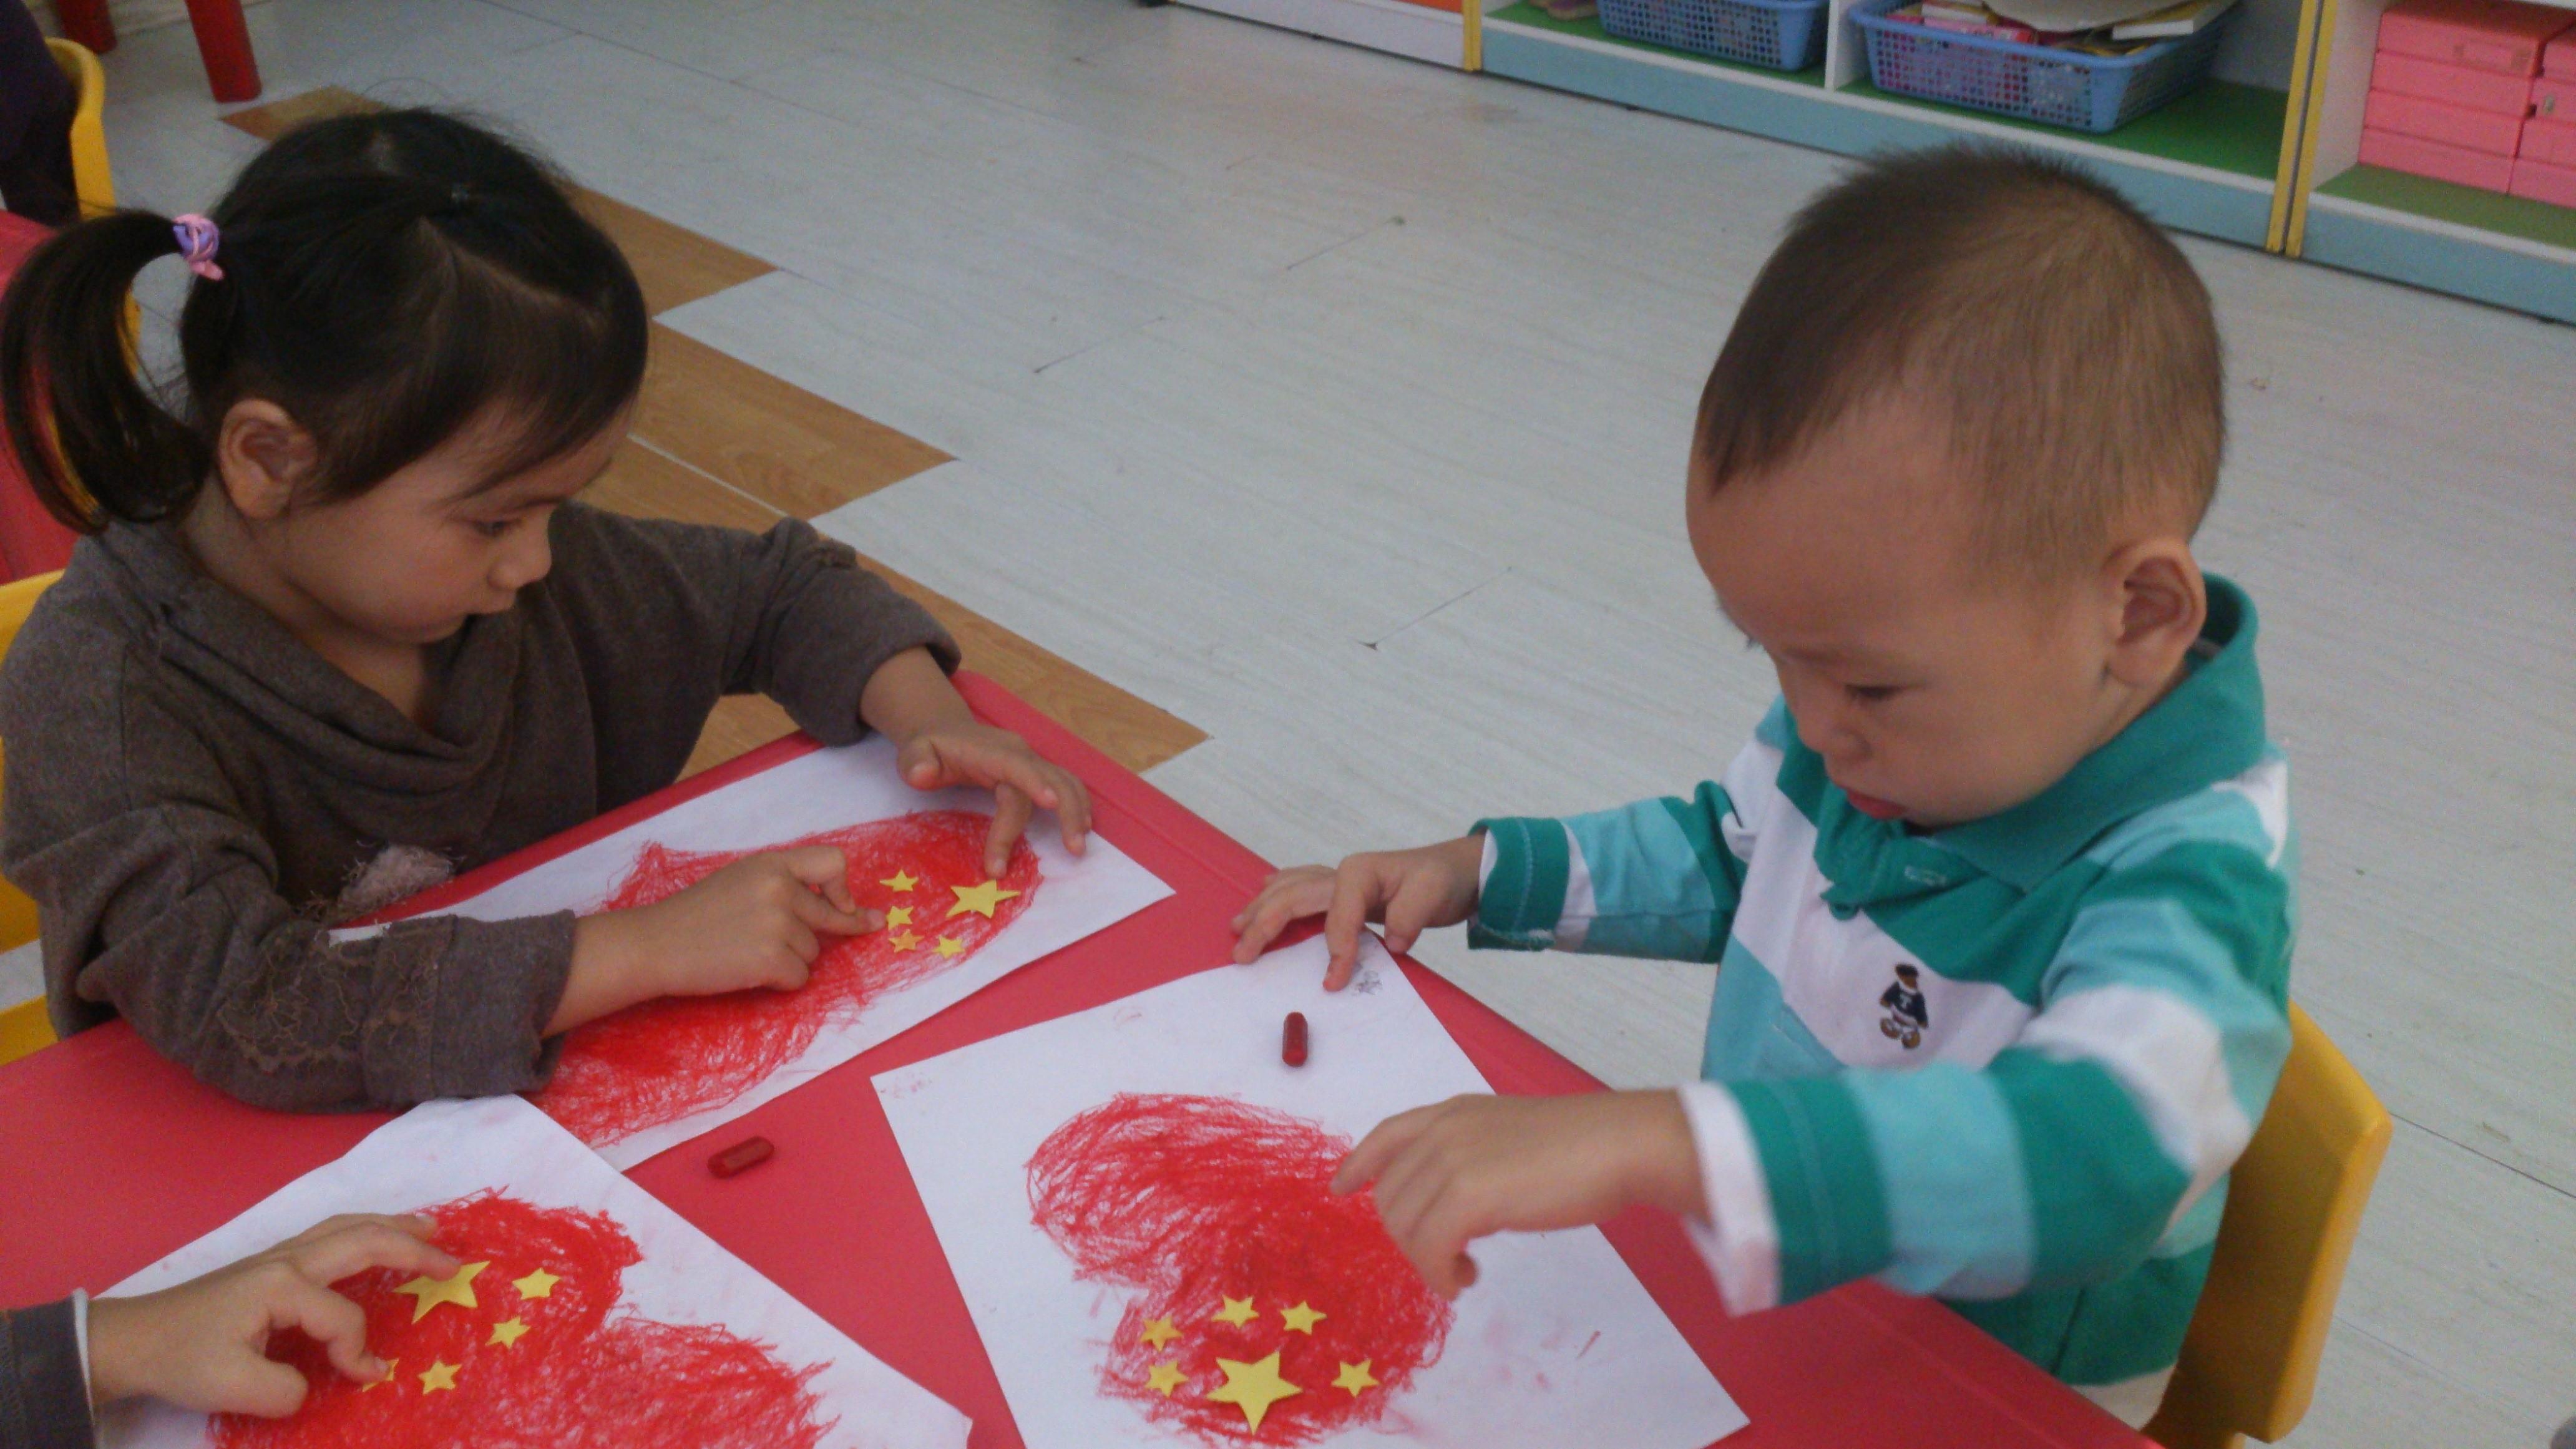 多名孩子手绘心型国旗 为祖国庆生(组图); 为祖国庆生 随着国庆的临近